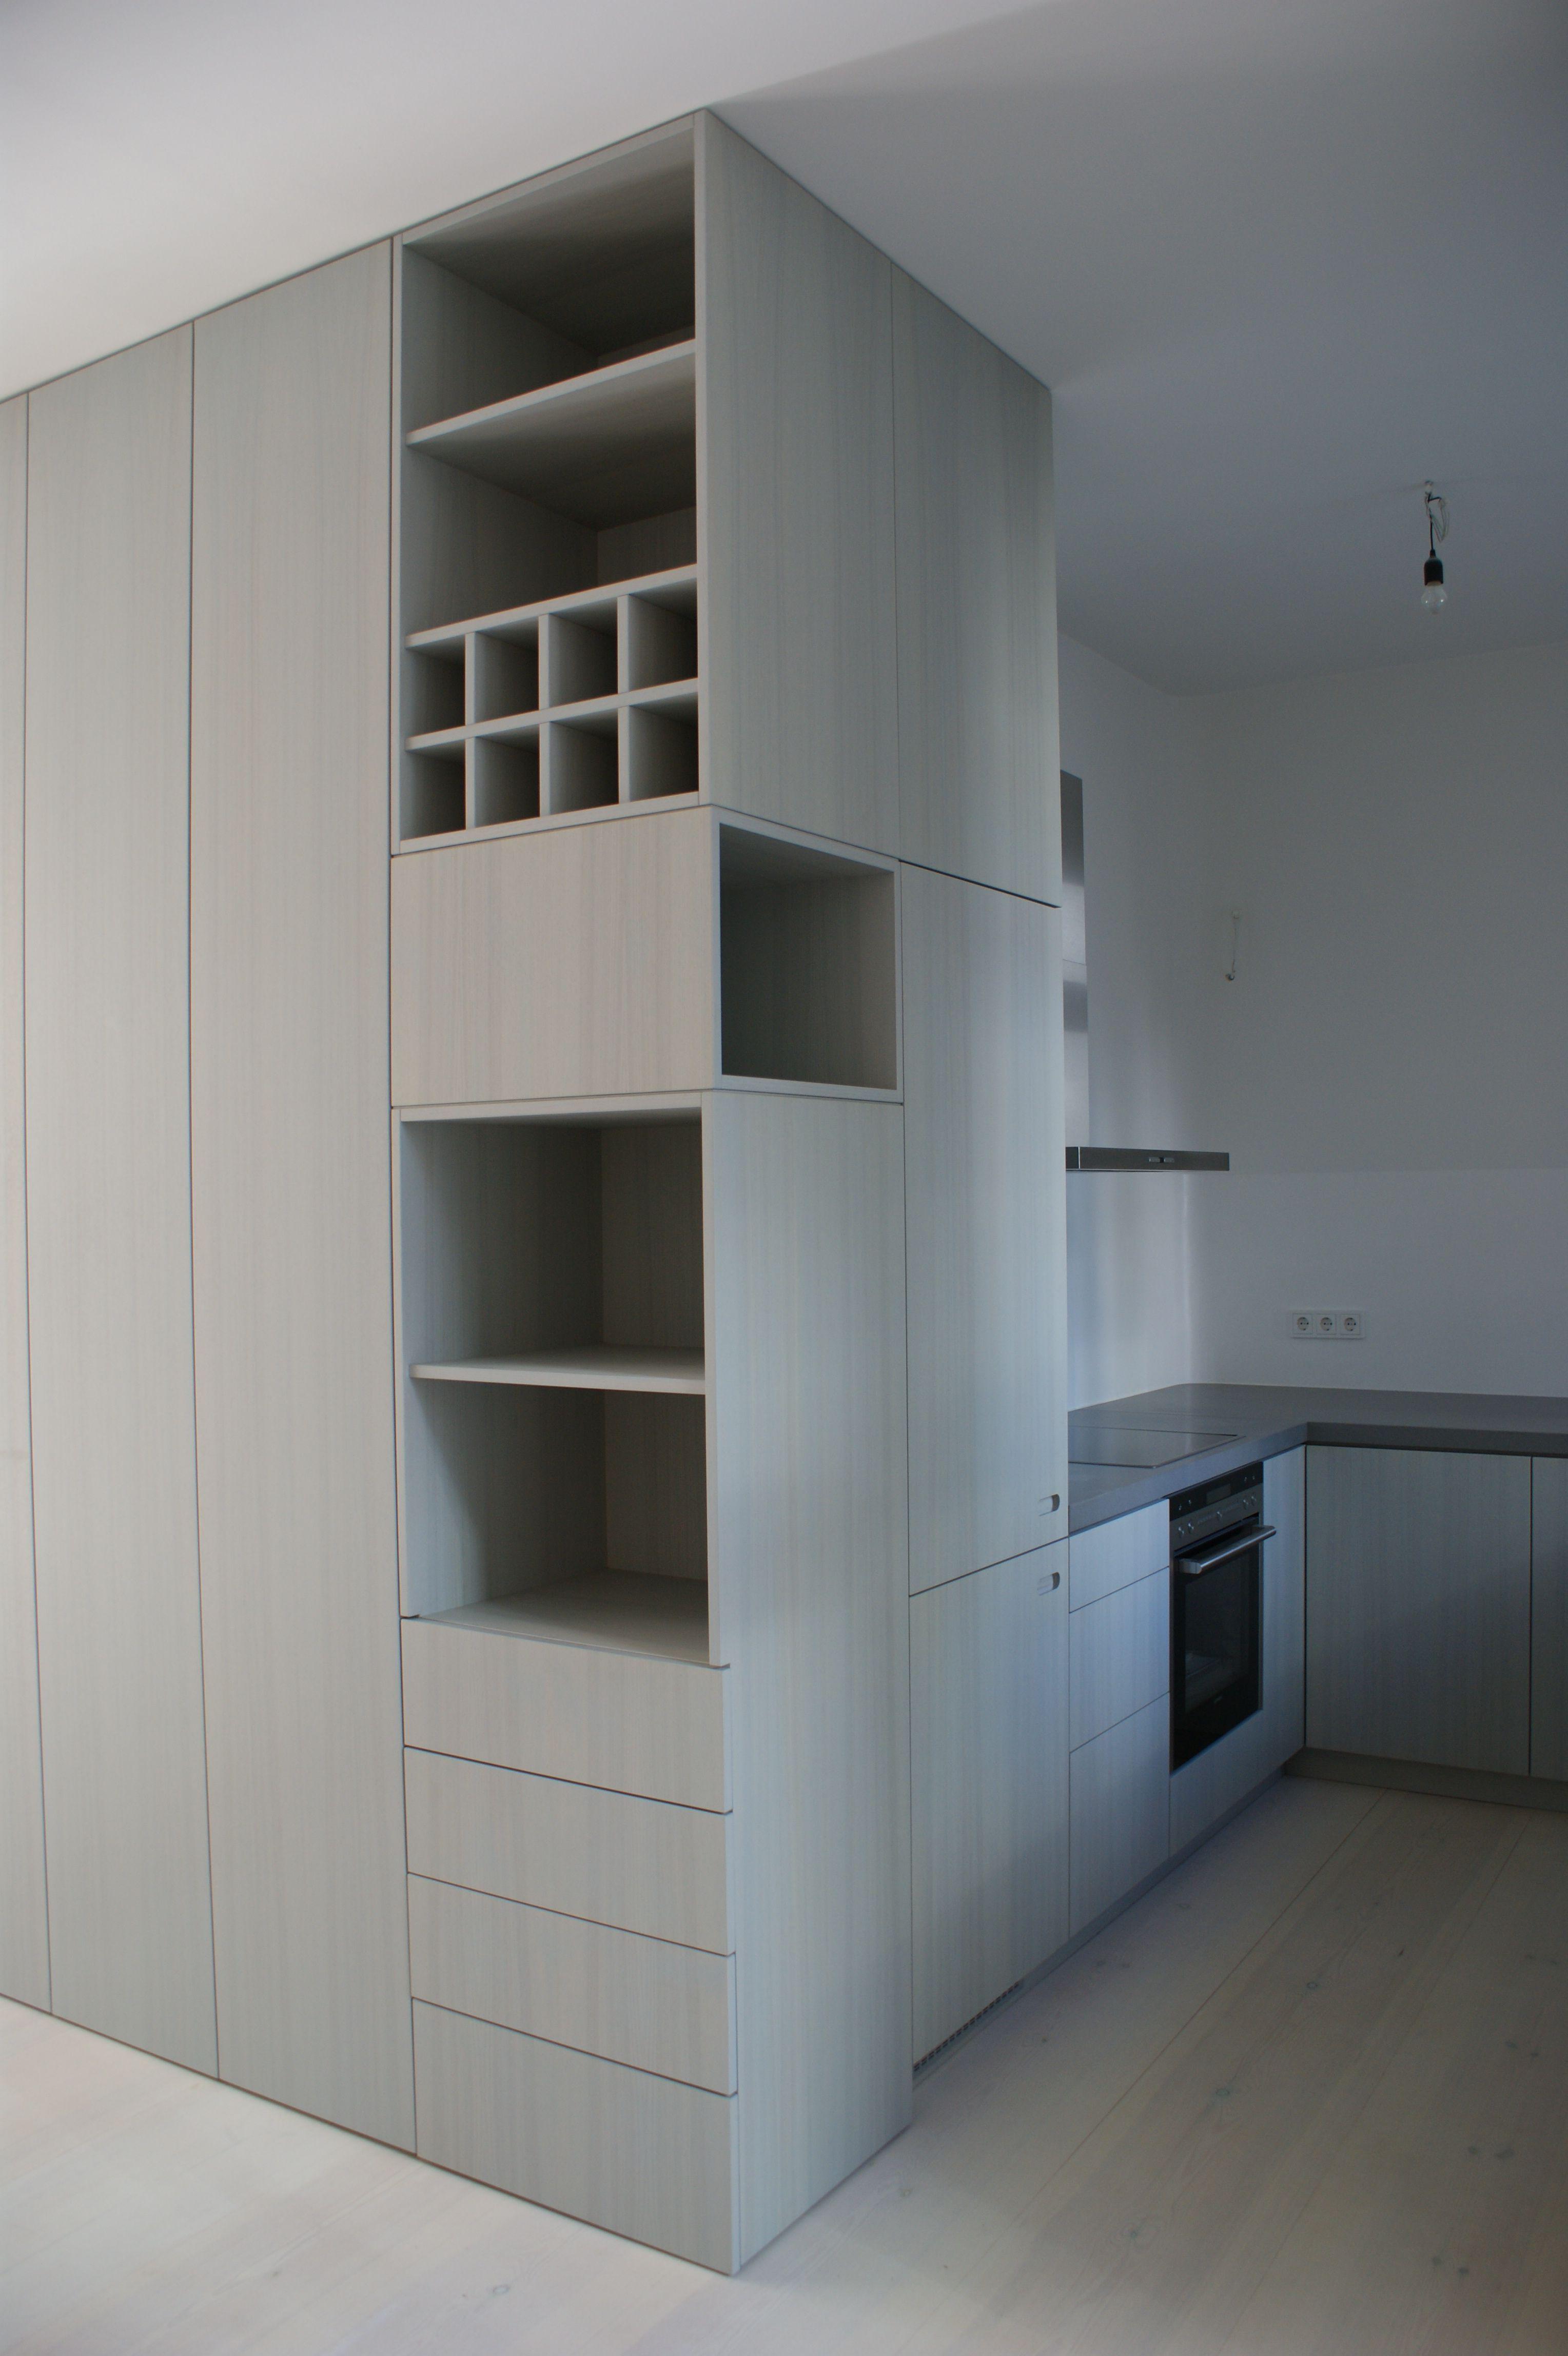 Einbauschrank wandhoch einbauschr nke regale garderoben - Einbauschrank wohnzimmer ...